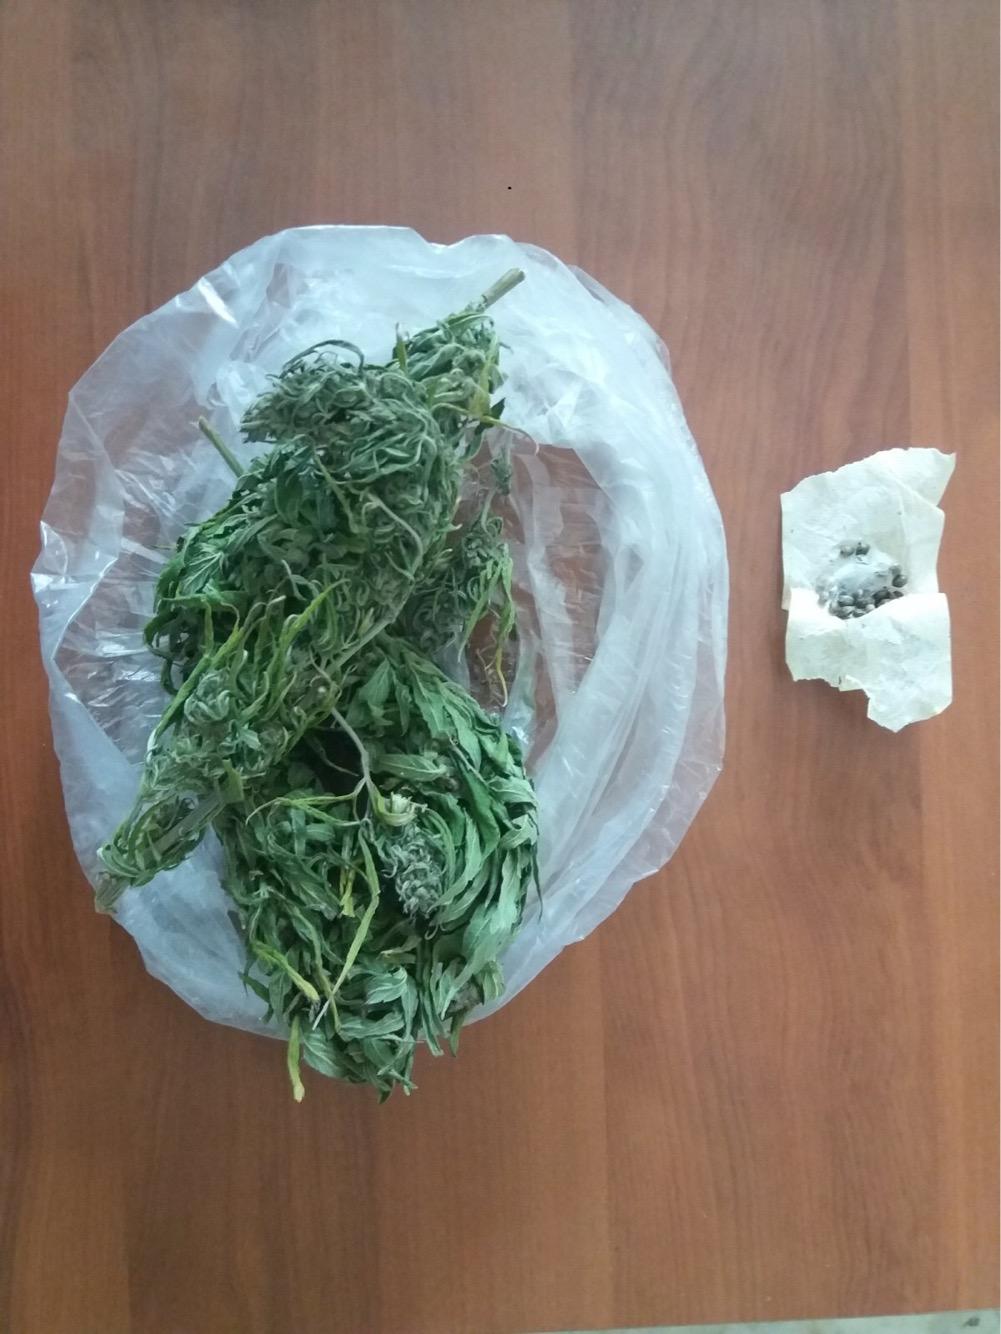 Γρεβενά:Σύλληψη 53χρονου ημεδαπού για κατοχή ναρκωτικών ουσιών